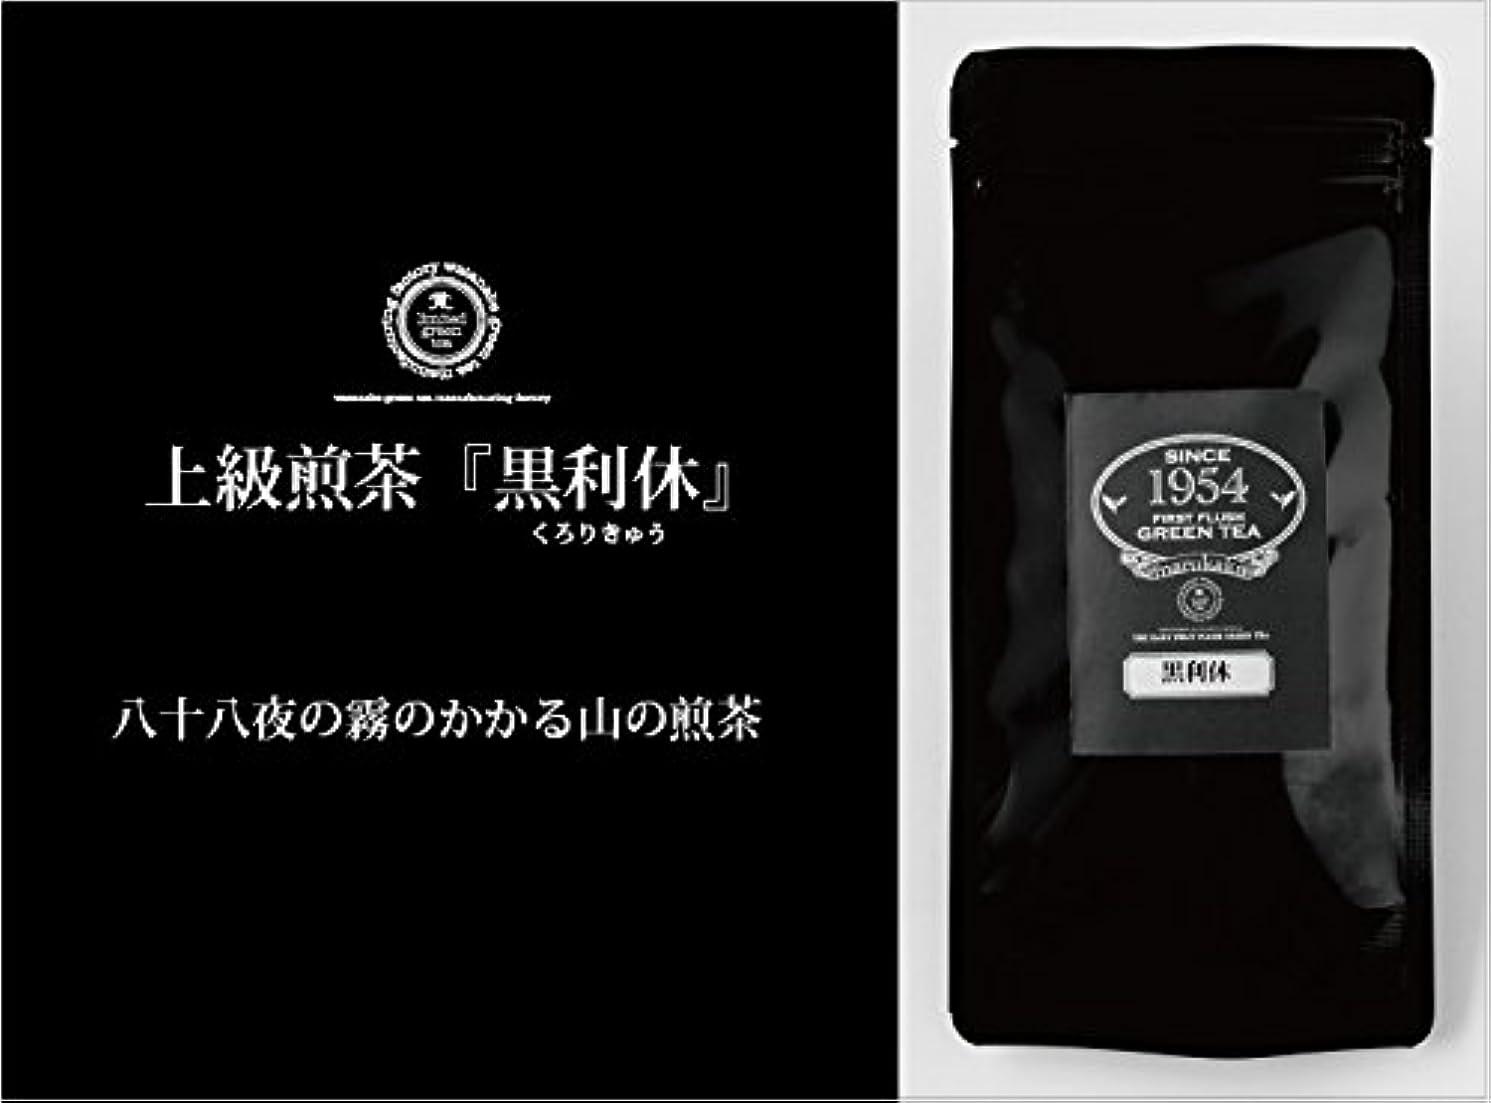 かけがえのない神経障害収容するmarukaku 世界緑茶コンテスト金賞受賞茶 煎茶 ティーバッグ 各種 (世界緑茶コンテスト金賞受賞茶『黒利休』) 日本茶 緑茶 お茶